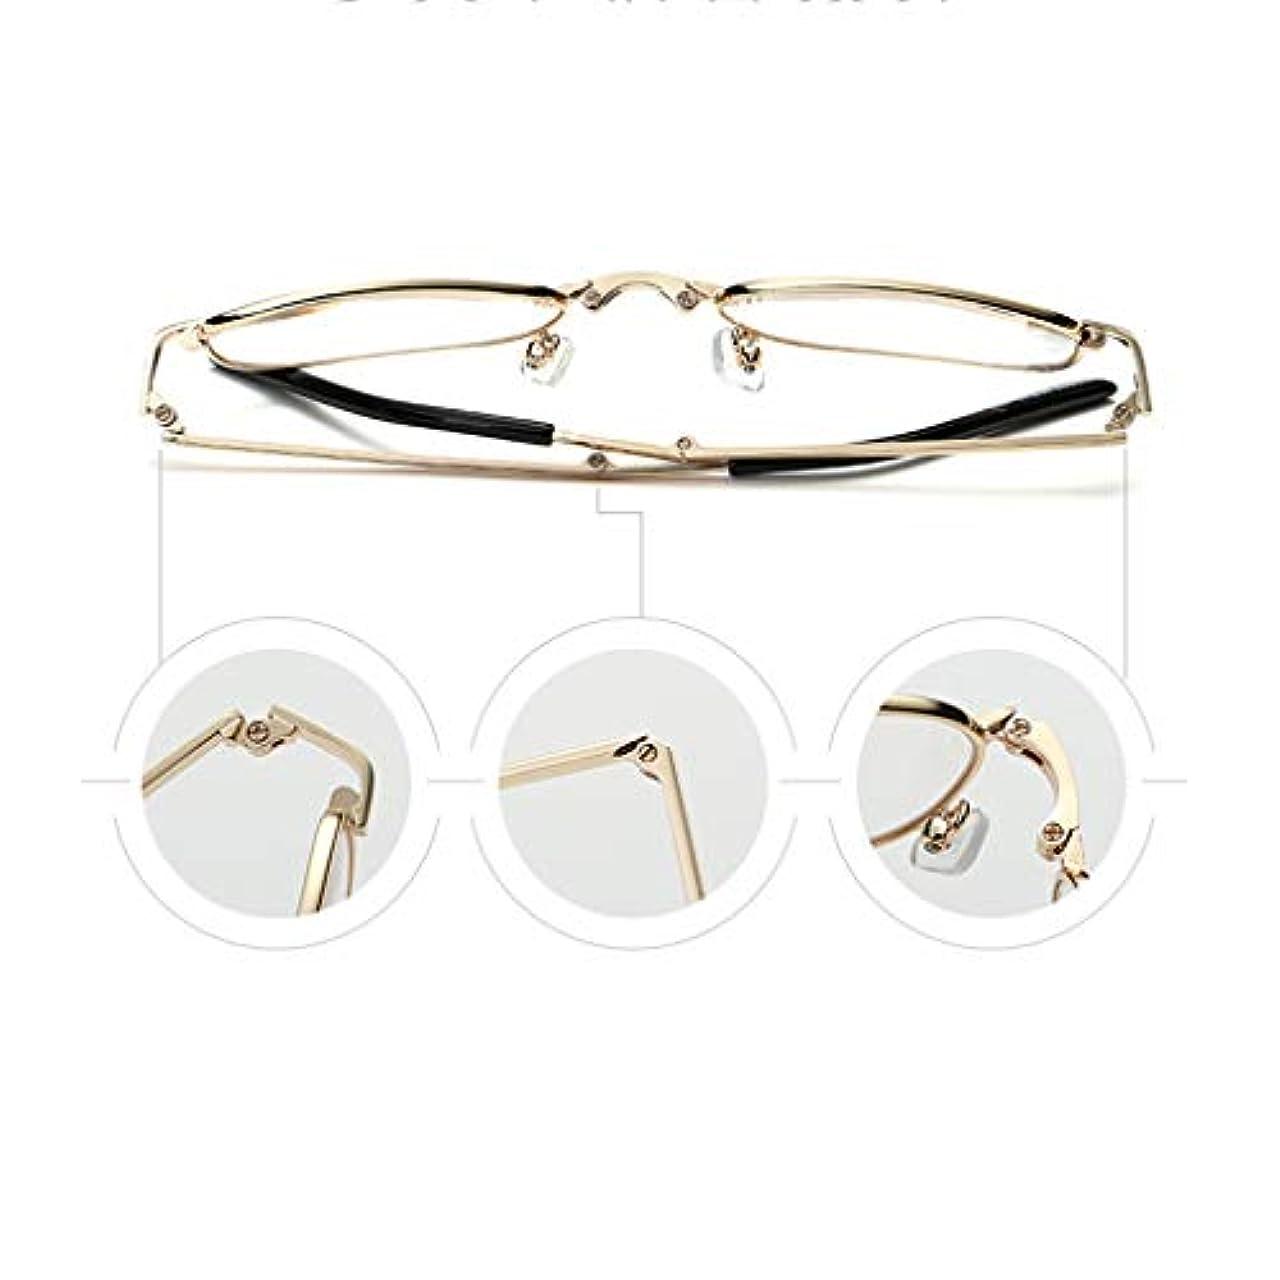 老眼鏡、読書メガネ。超軽量の折りたたみ式、携帯用フルフレーム老眼鏡、HD樹脂レンズ。 (銀金)